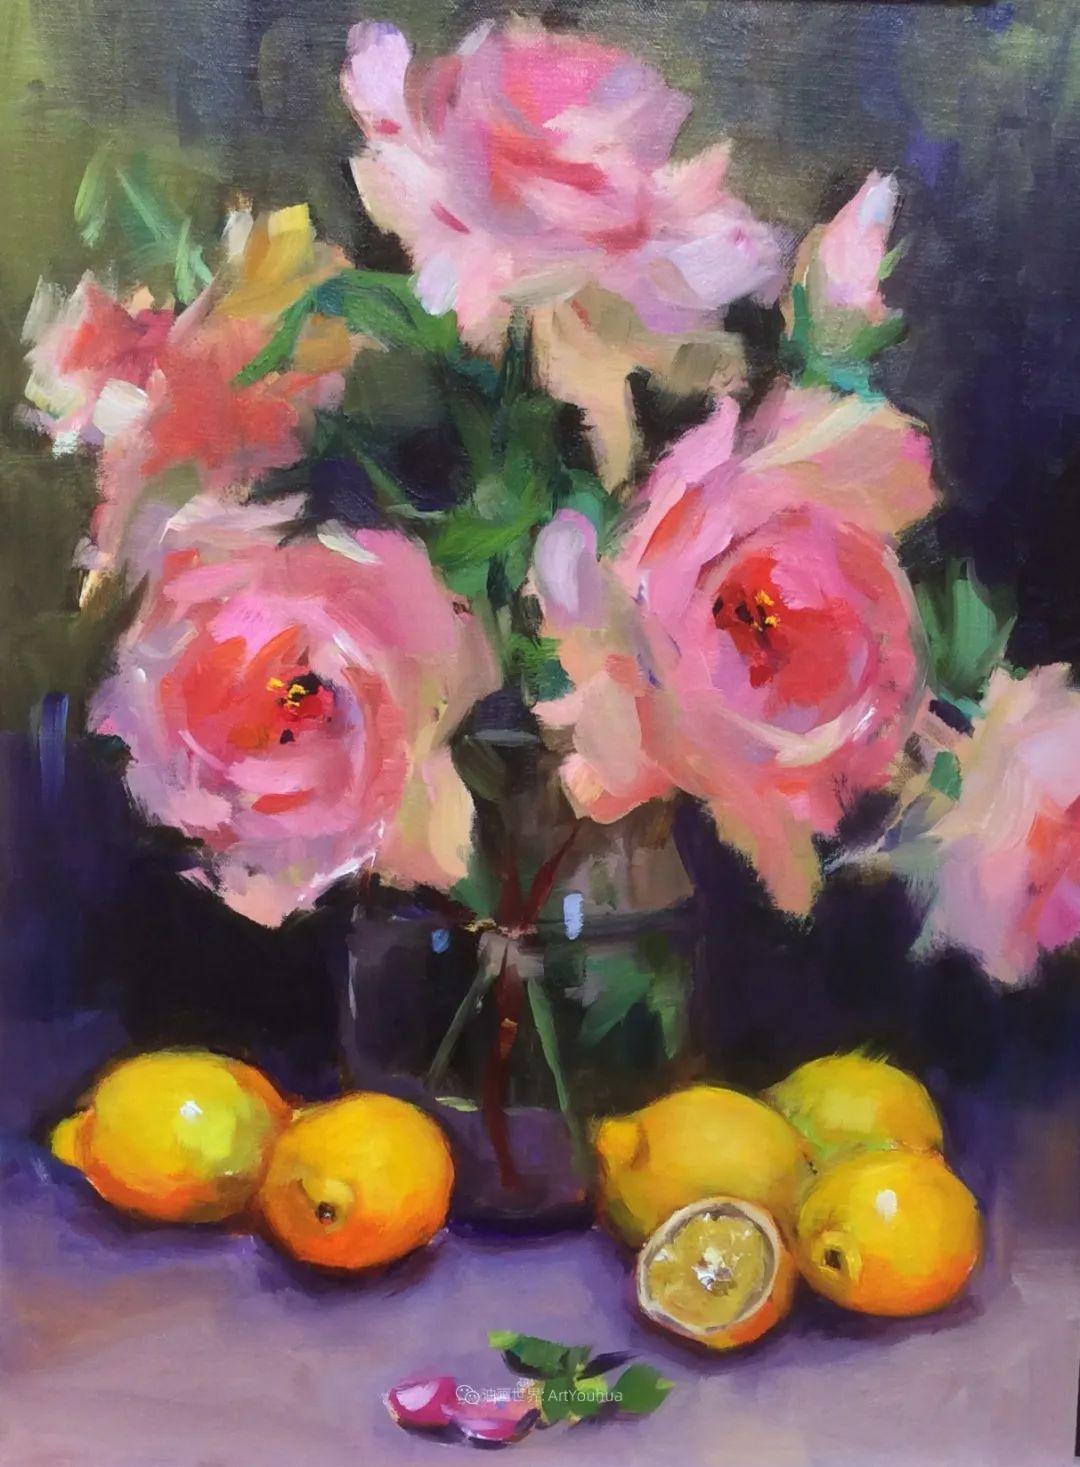 大笔触、充满活力色彩的花卉,美国女画家劳里·莱普科斯卡插图33